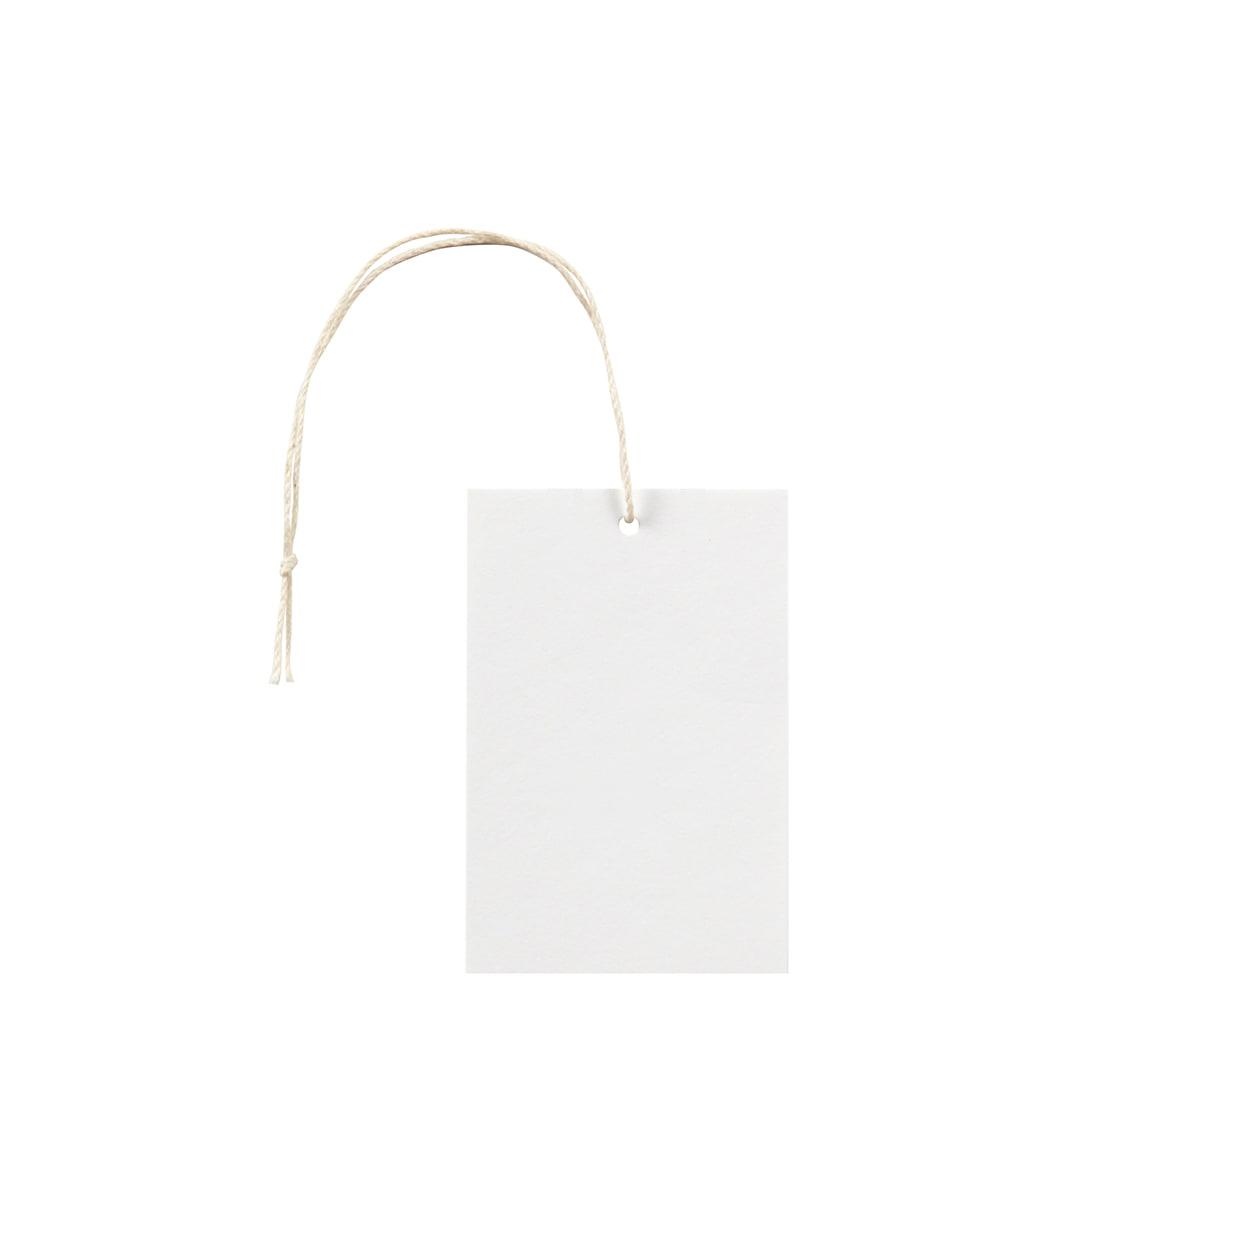 タグ50×75四角形 コットンスノーホワイト 232.8g タグ紐(細)コットン生成